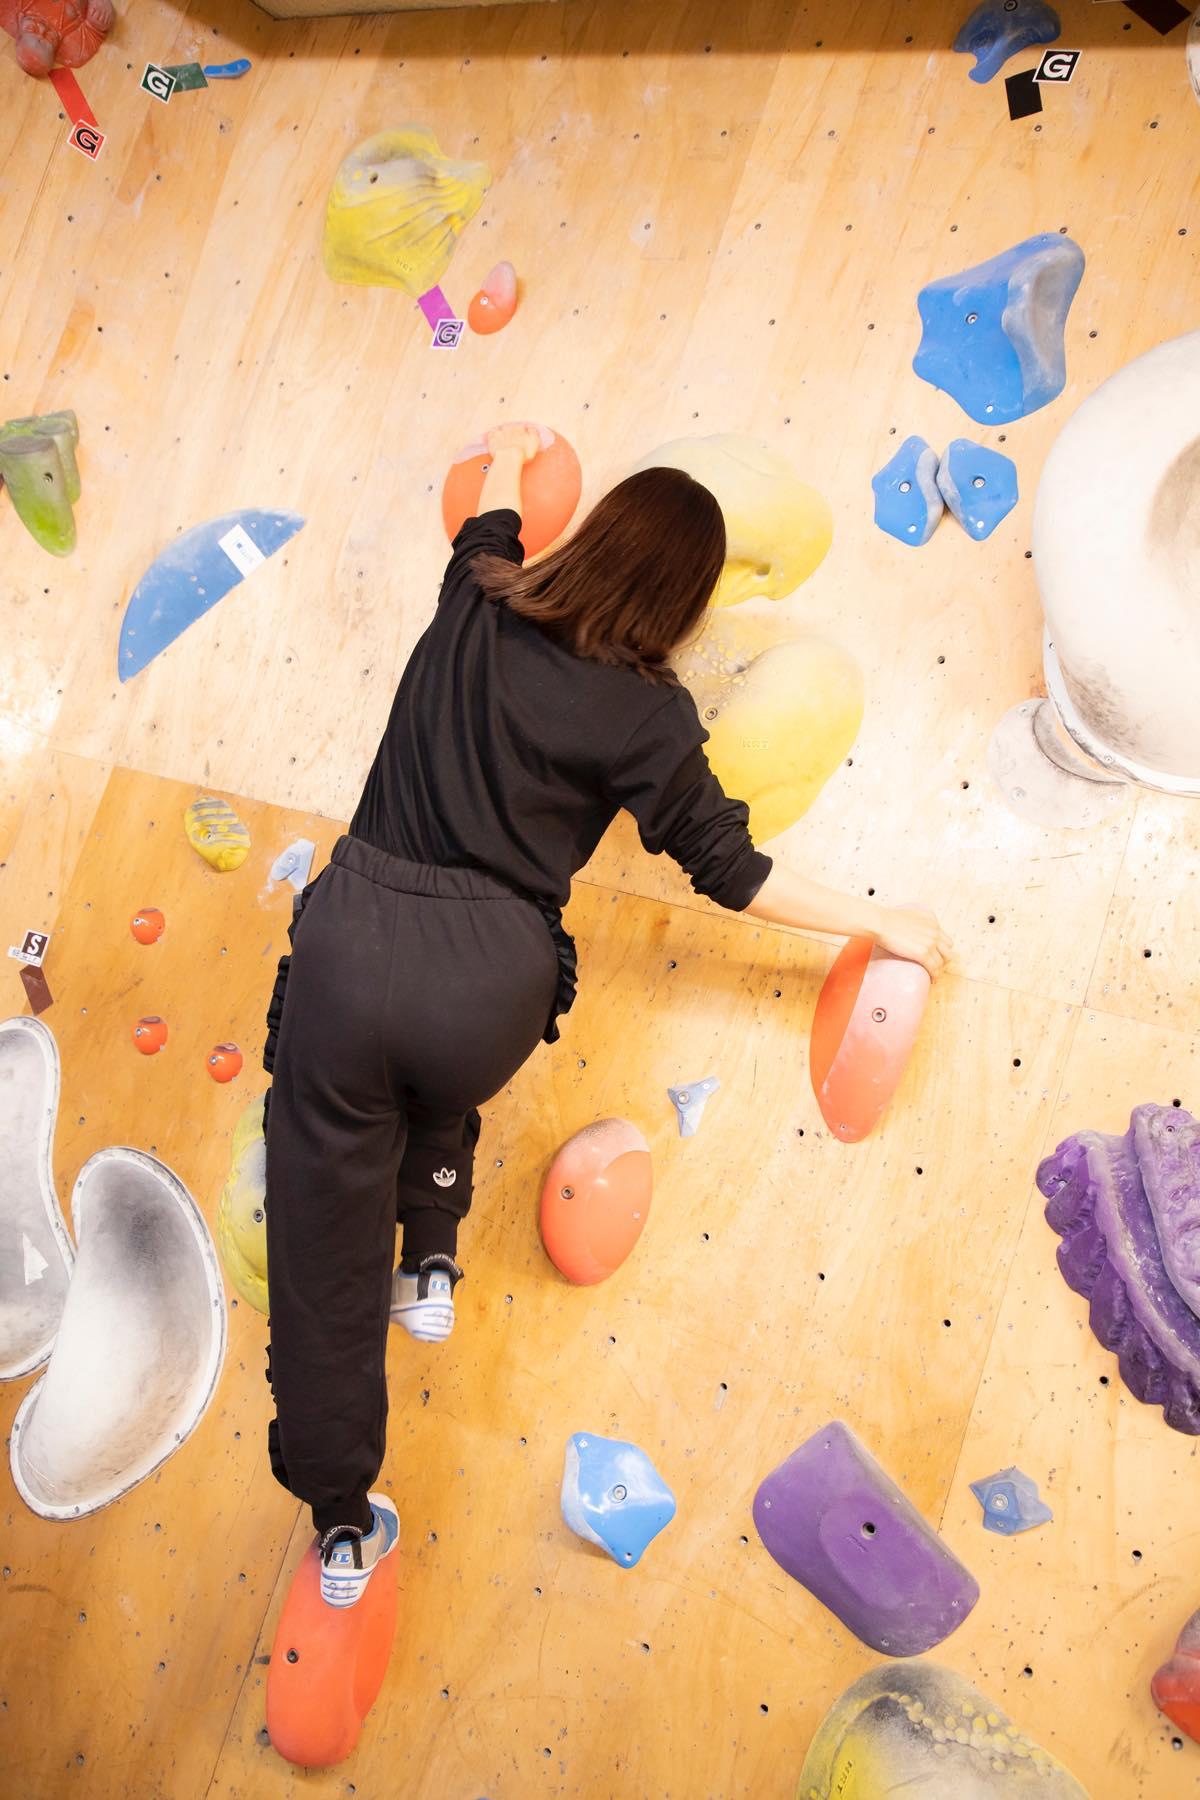 鈴木遥夏「ボルダリングで自分の壁を乗り越えろ」【画像44枚】【連載】ラストアイドルのすっぴん!vol.33の画像016